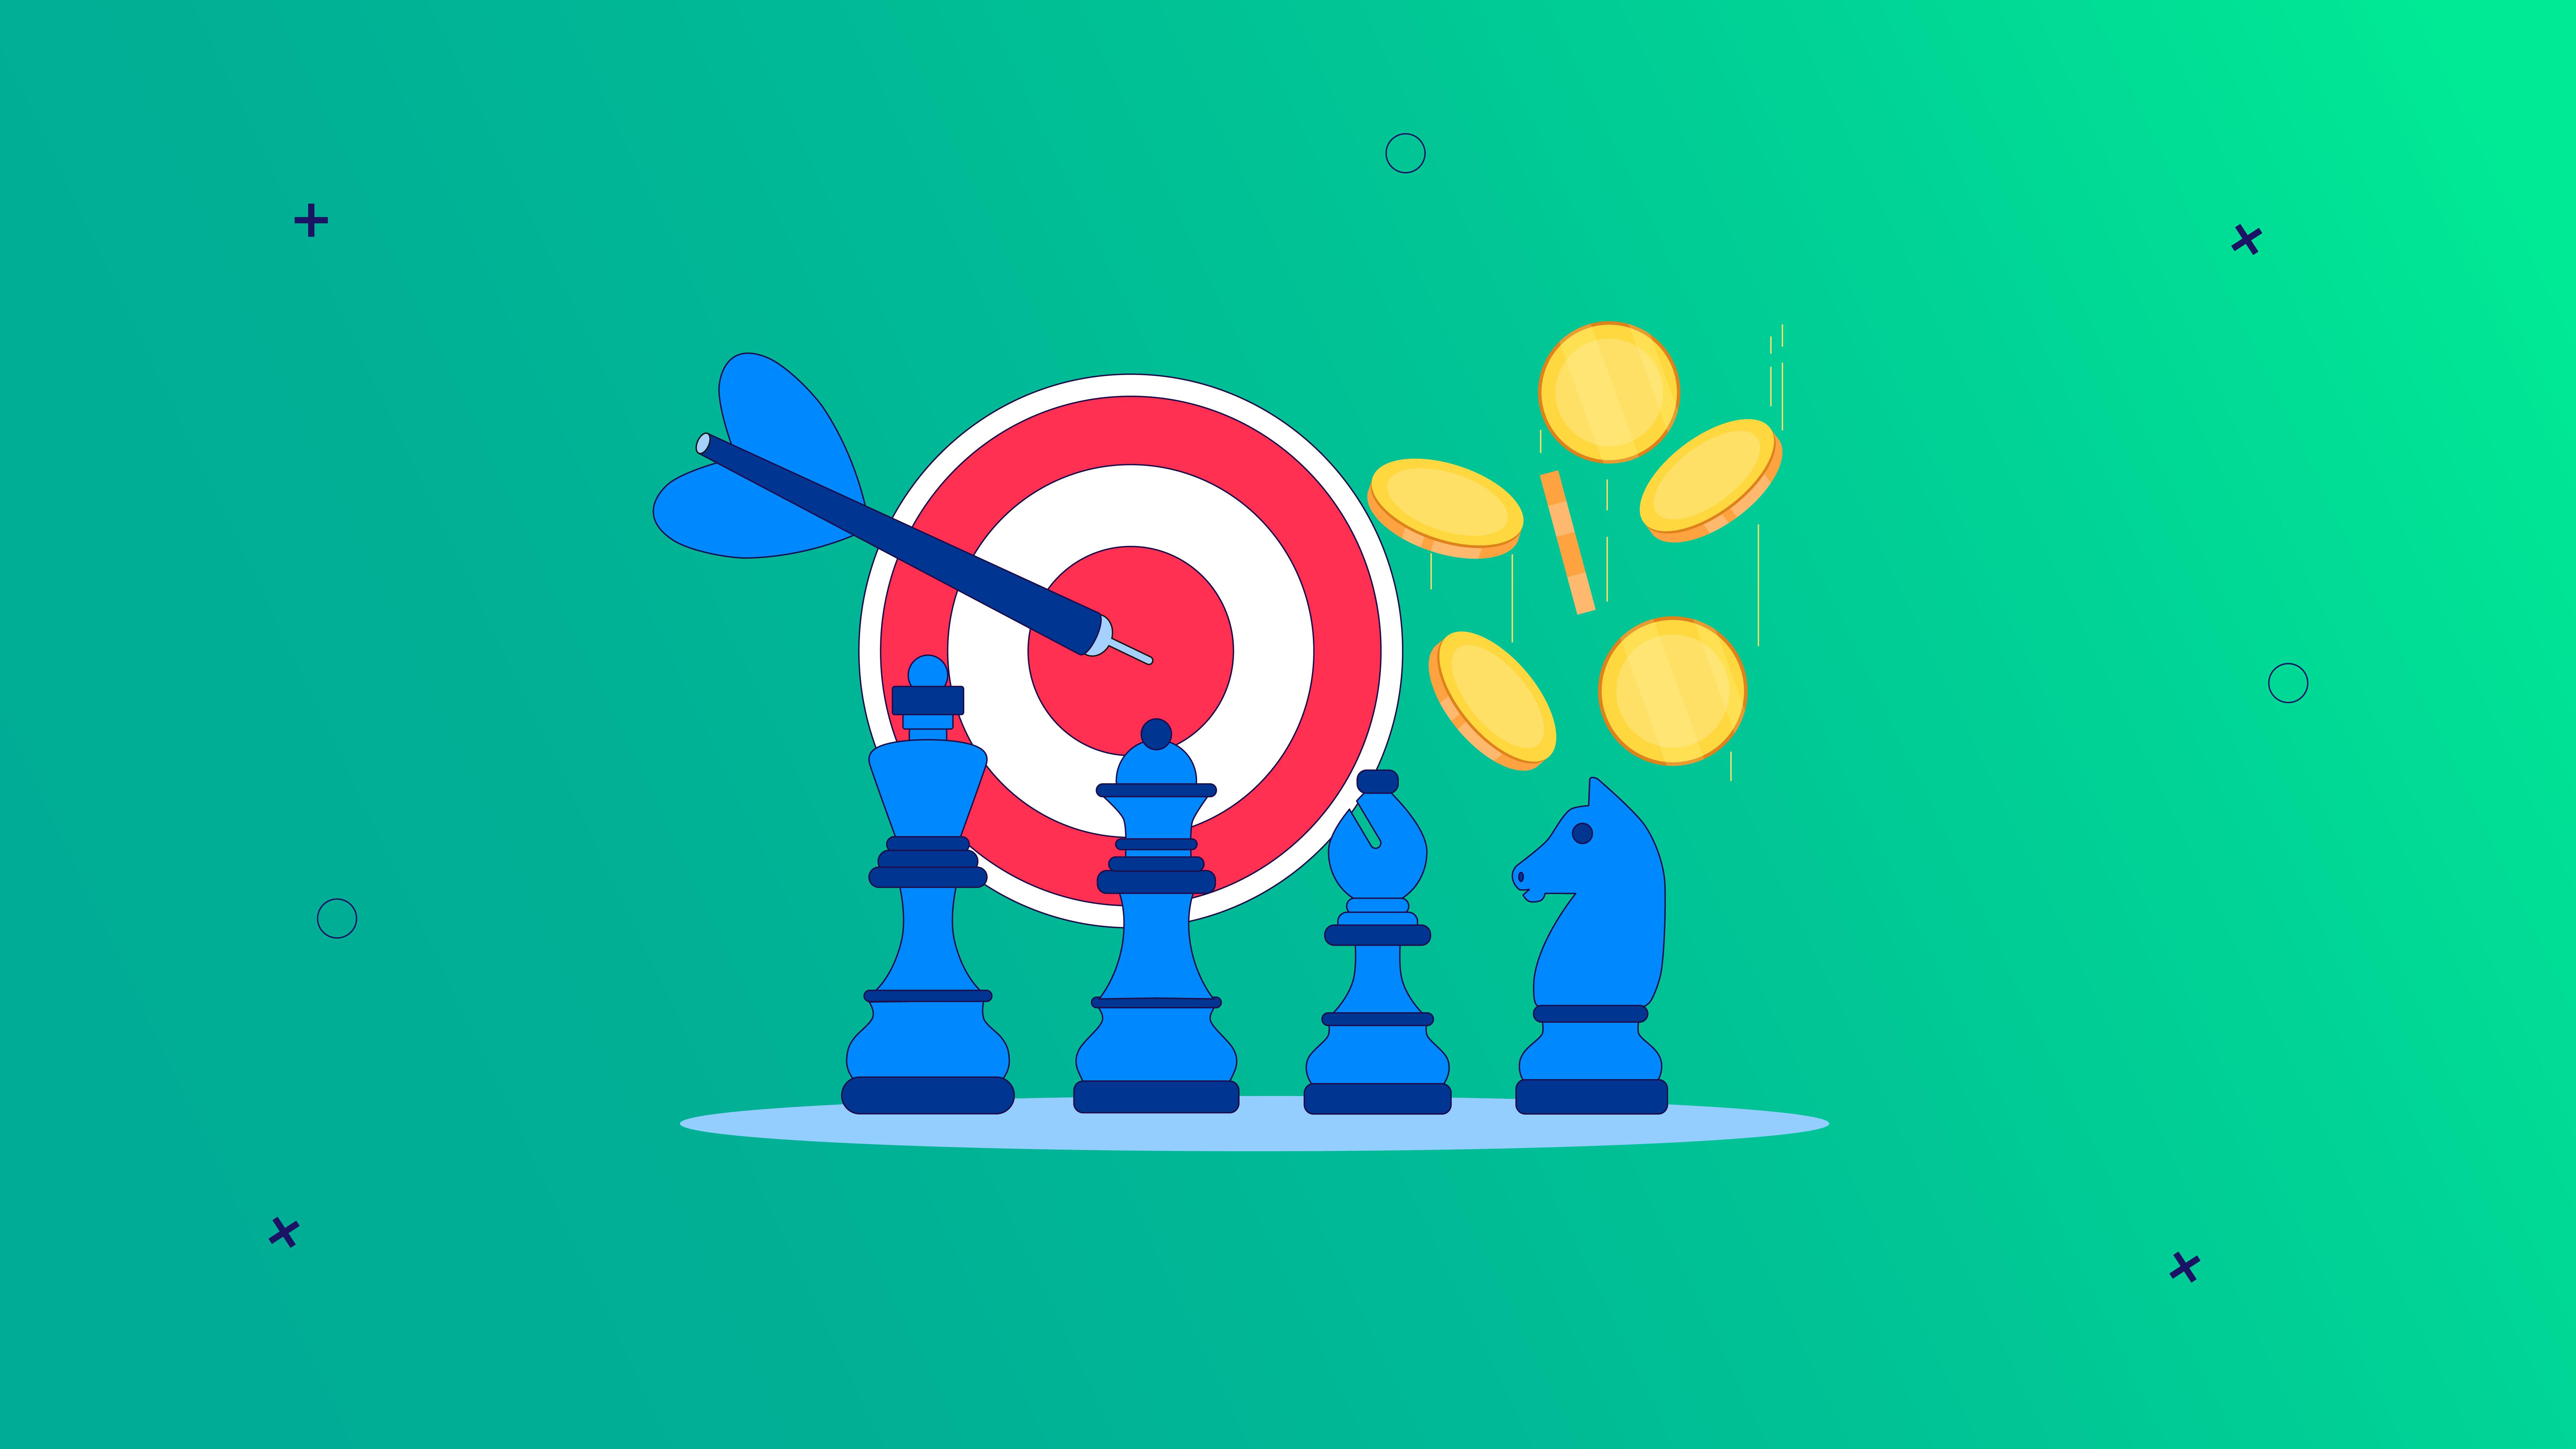 استراتژی سرمایه گذاری شما چیست؟